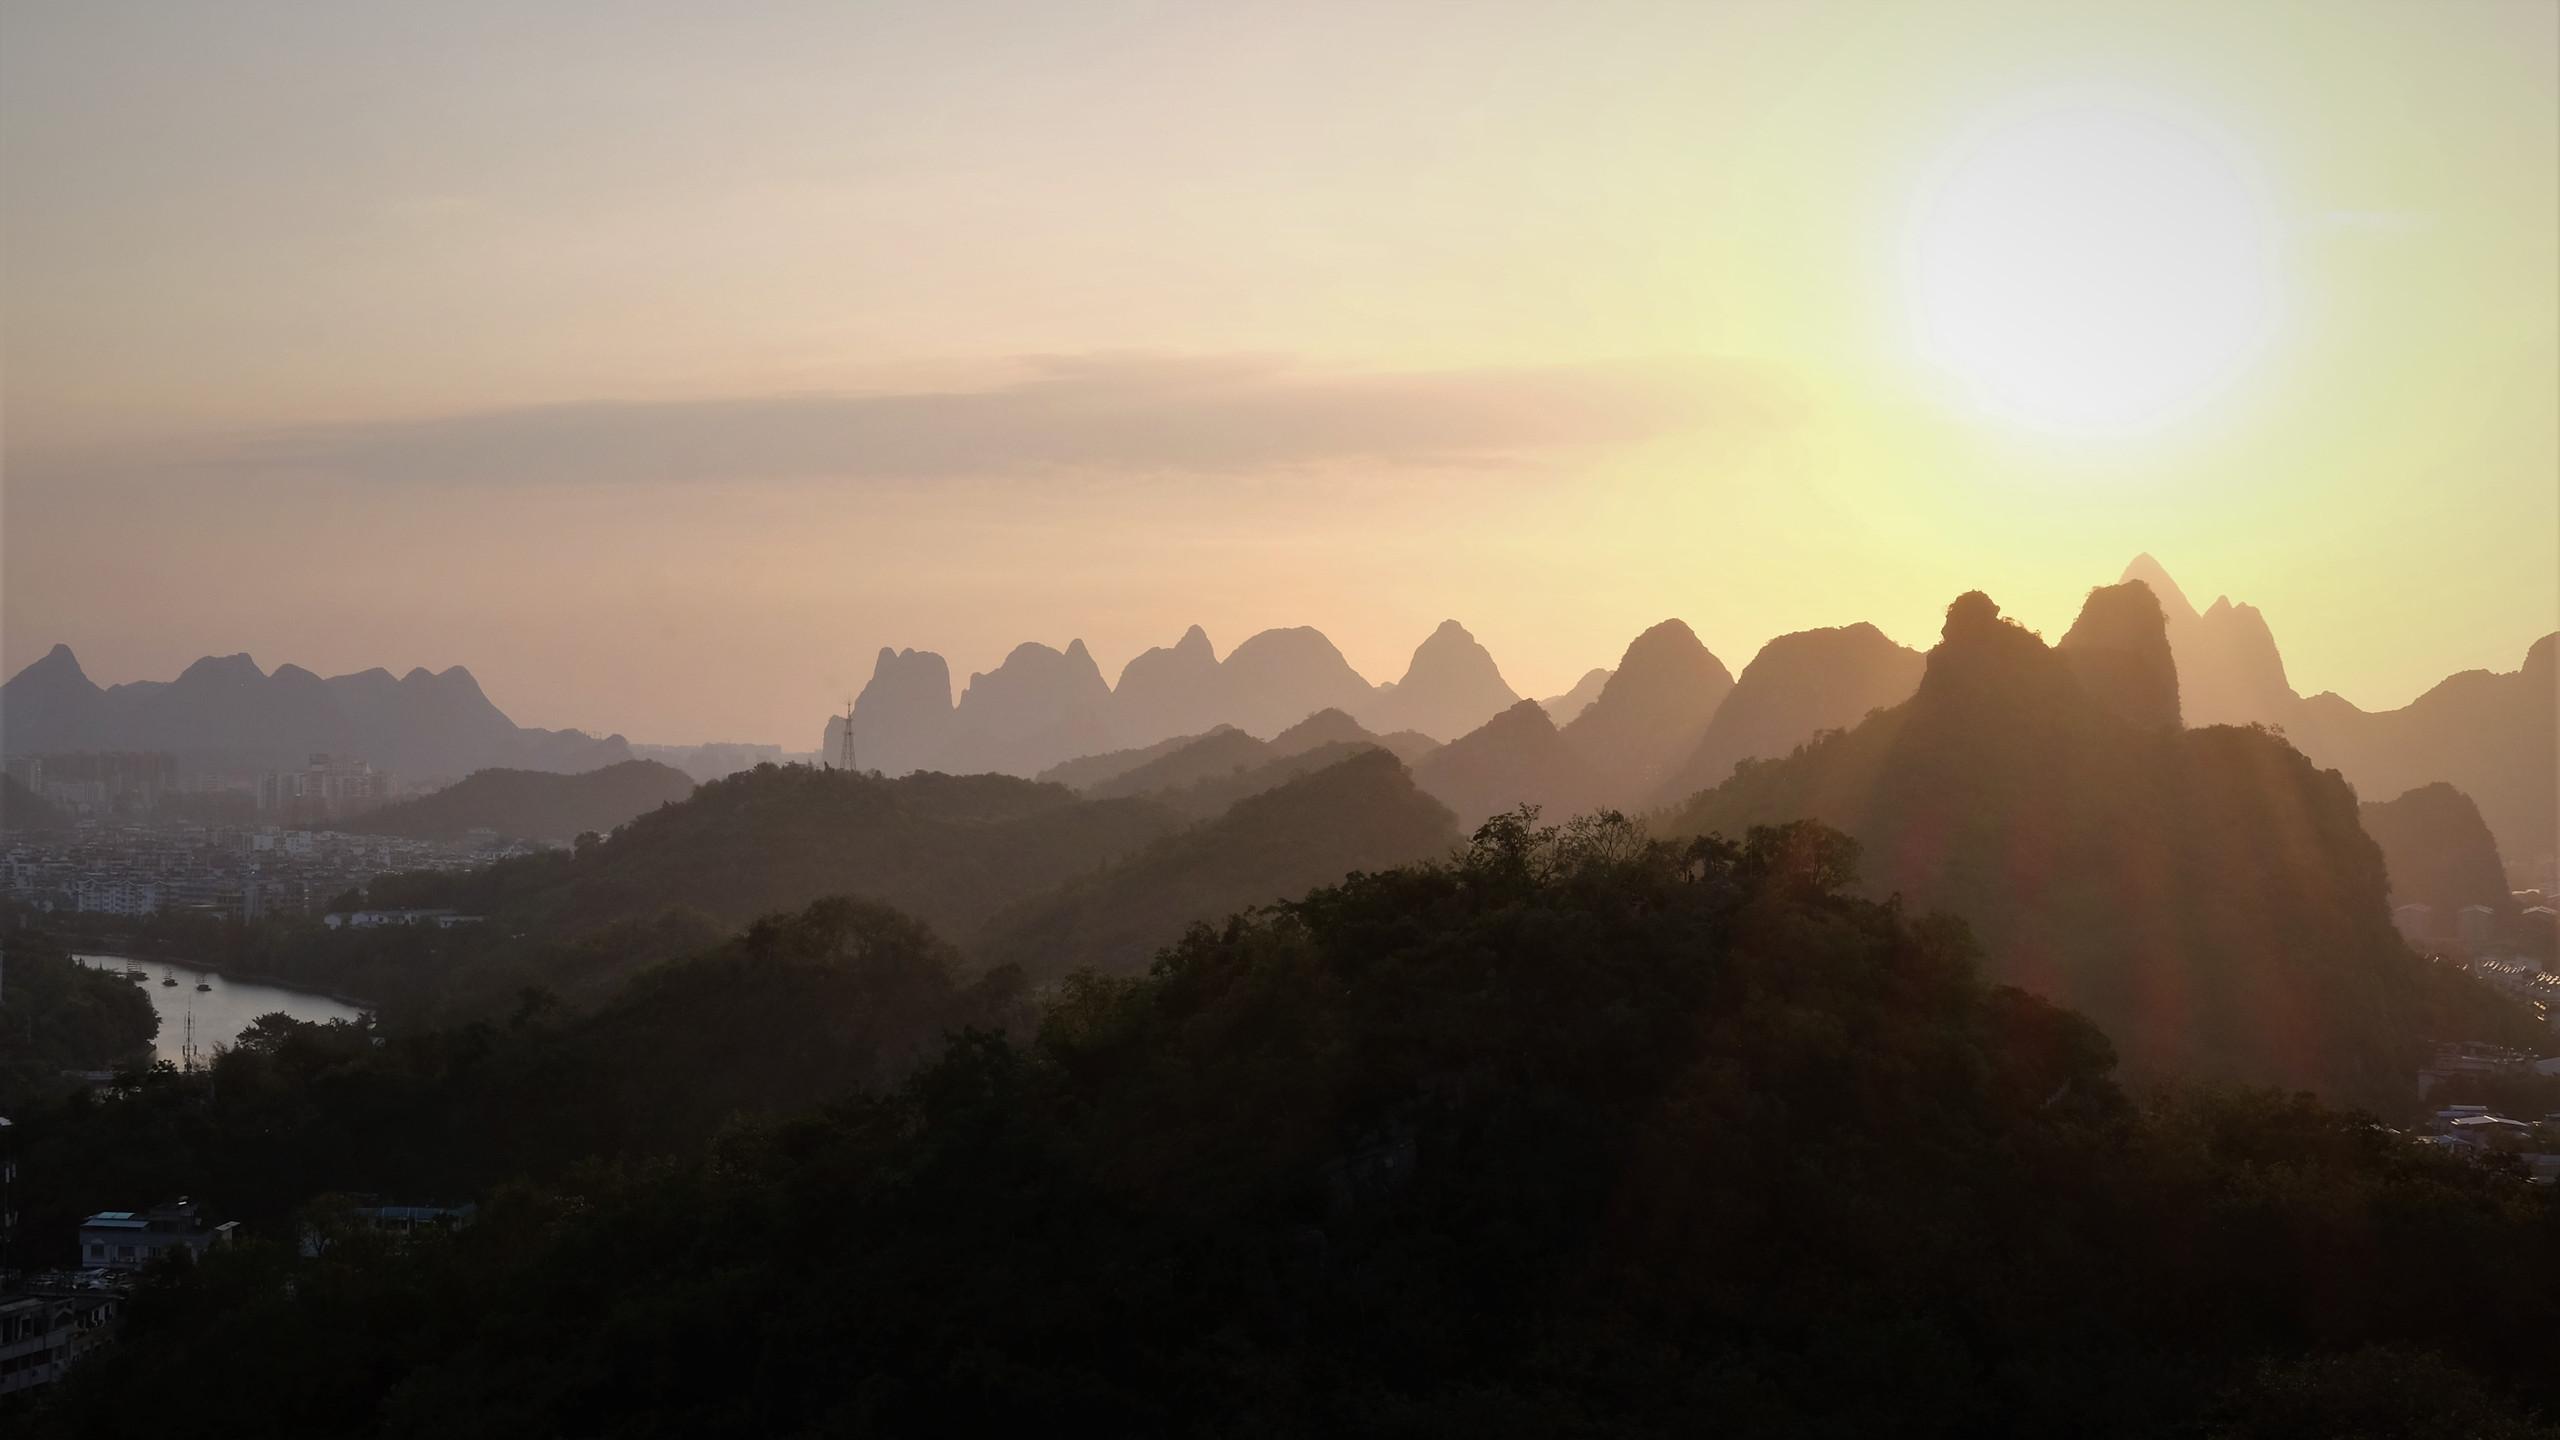 Soleil couchant sur Guilin